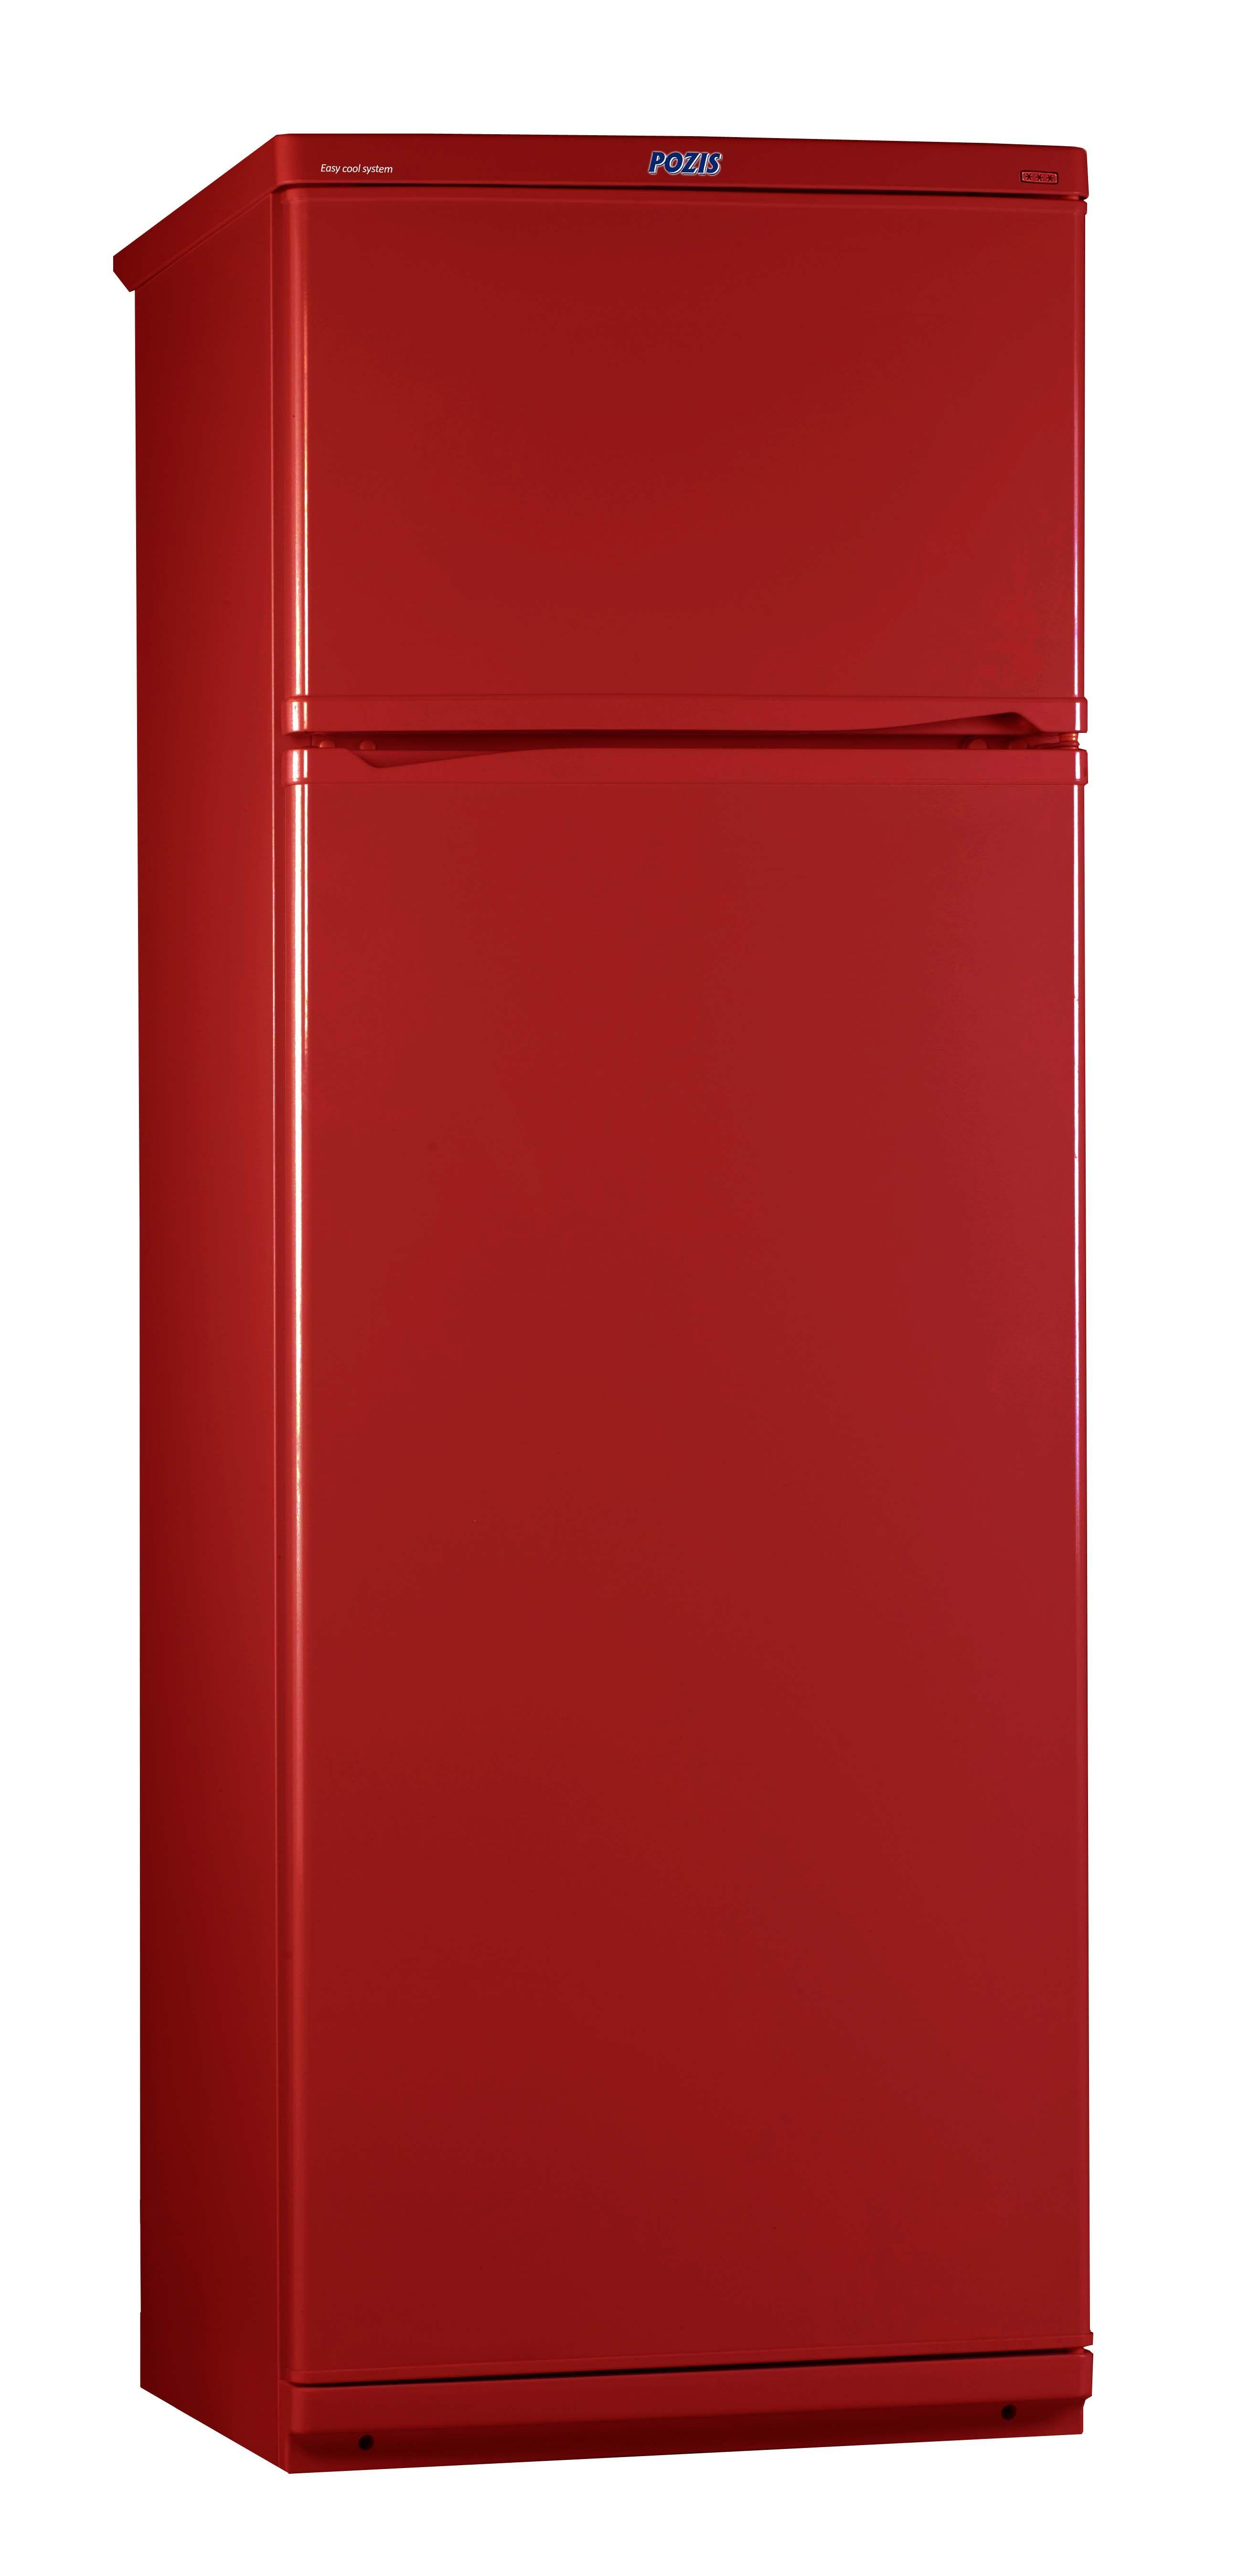 холодильники позис мир в картинках вариант доступен